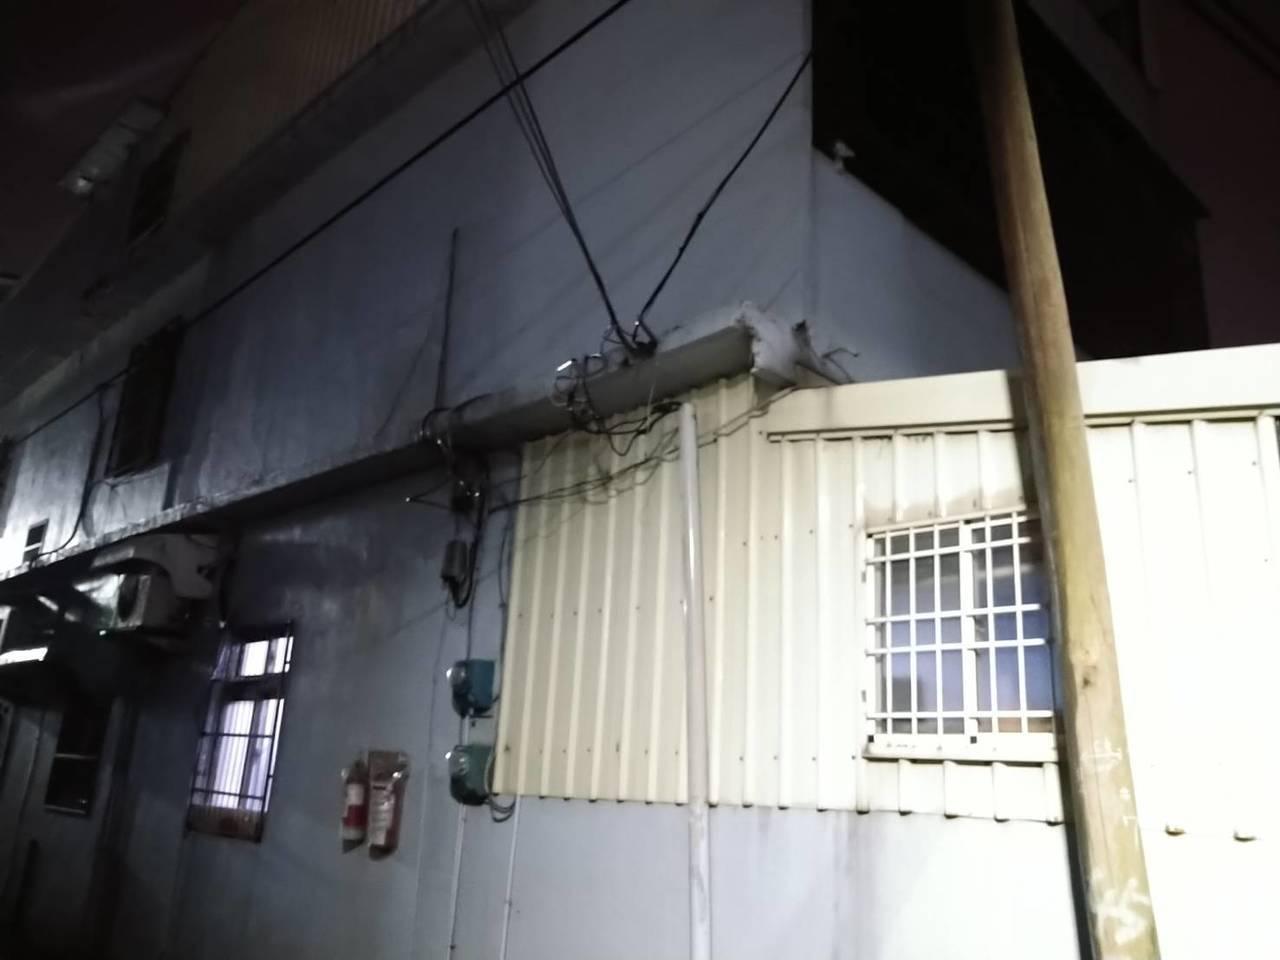 新竹地區今晚因強風造新竹縣市2條供電饋線斷線,有6千多戶停電,台電緊急派員搶修,...